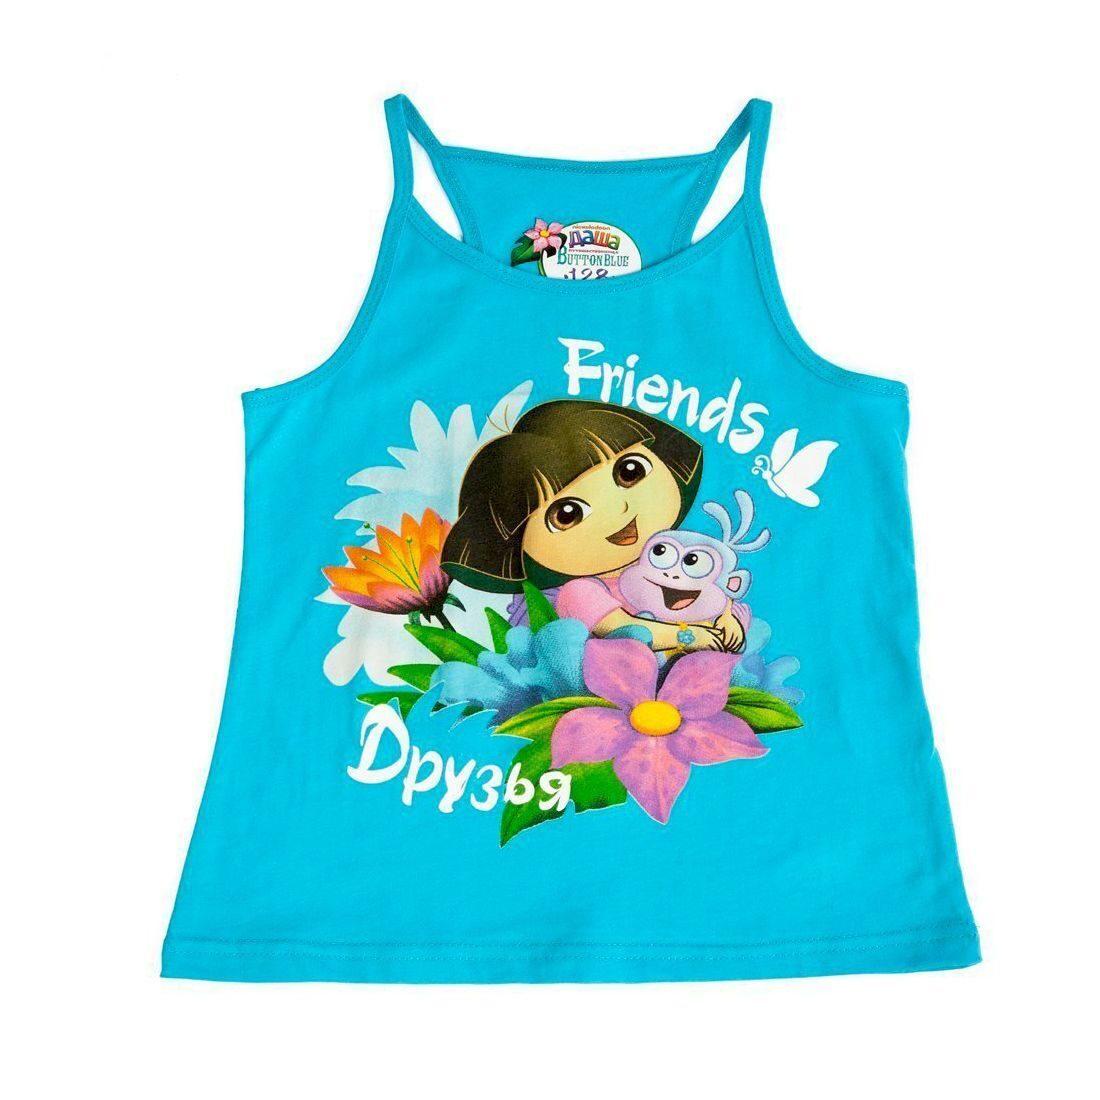 f37fa2dc0b9c3 Купить летнюю одежду для девочки в Хабаровске, майка летняя для ...